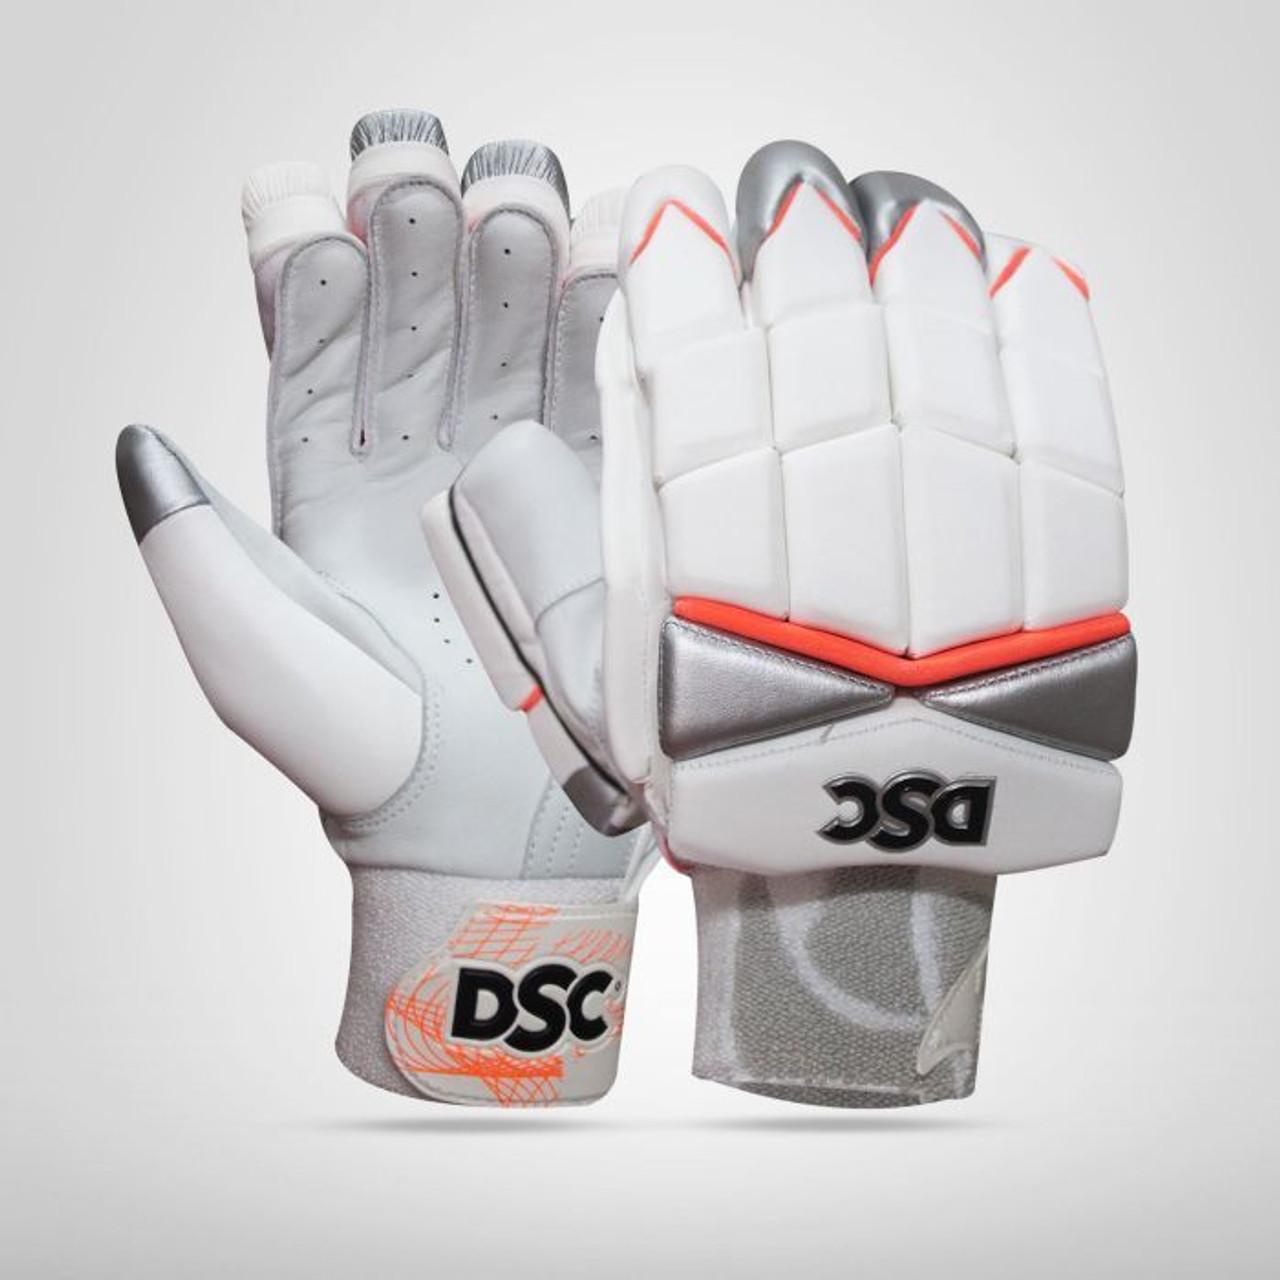 DSC Batting Gloves